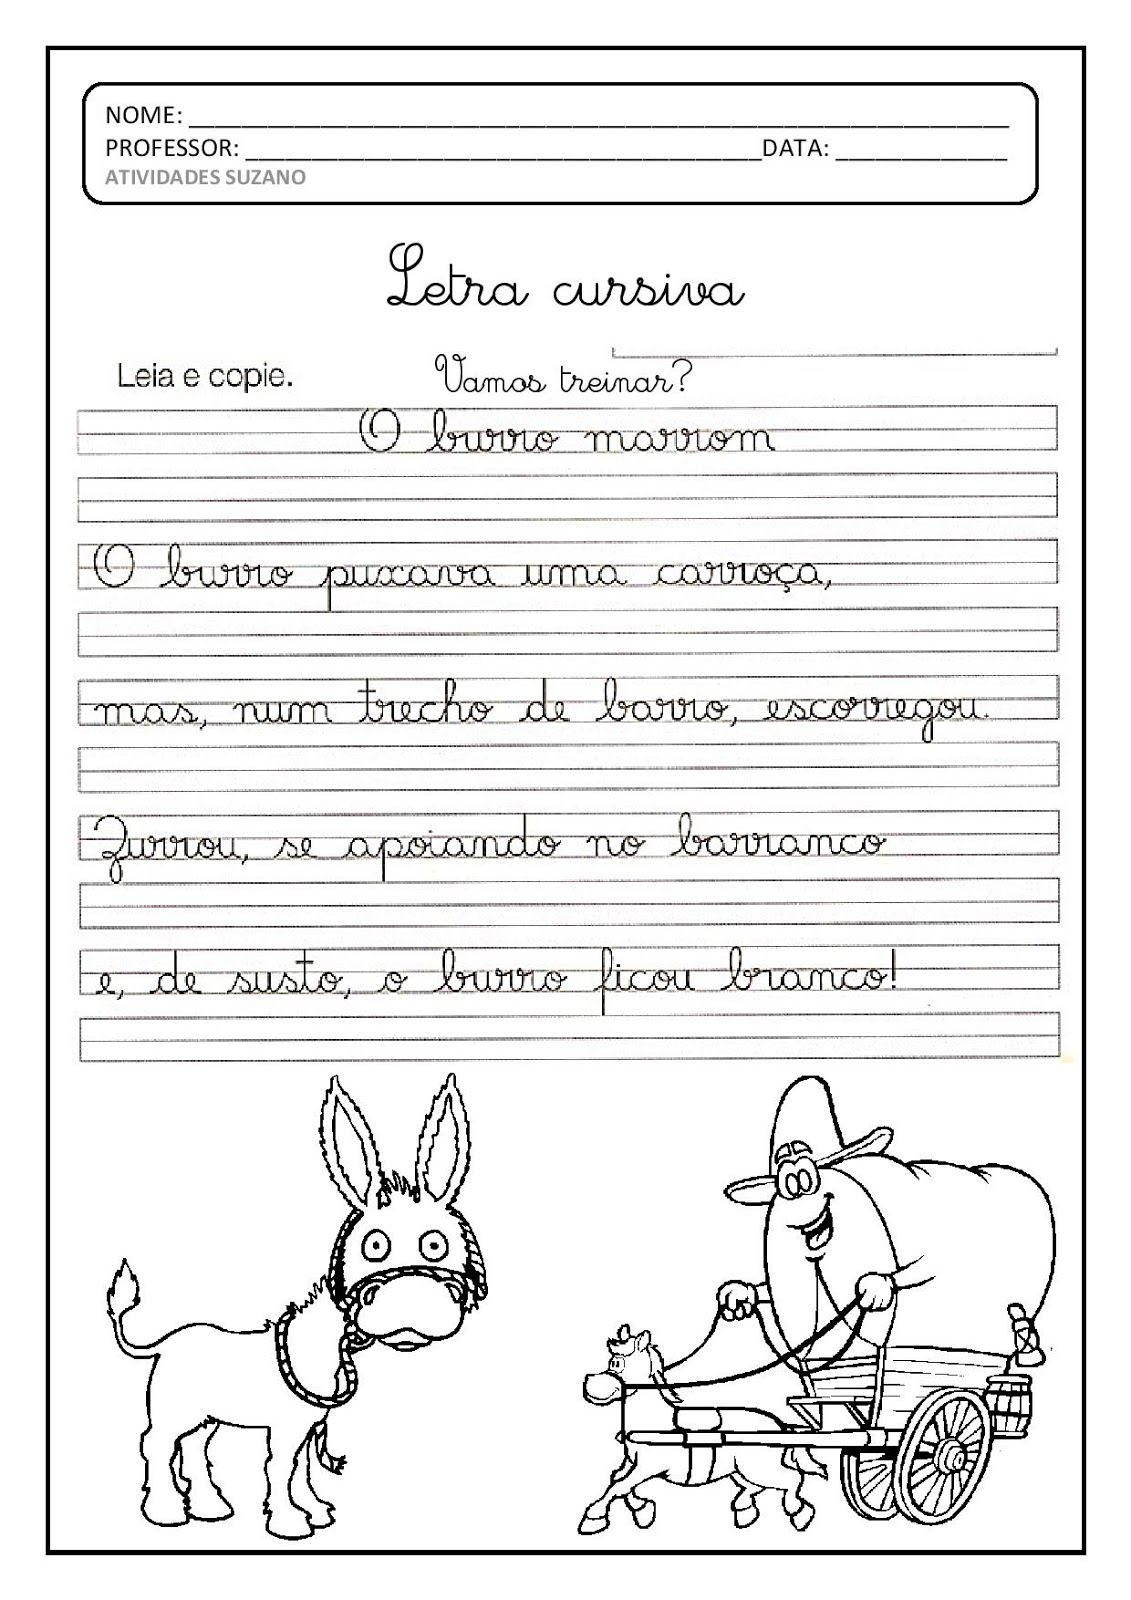 Resultado De Imagem Para Vinicius Com Letras Cursivas Calado